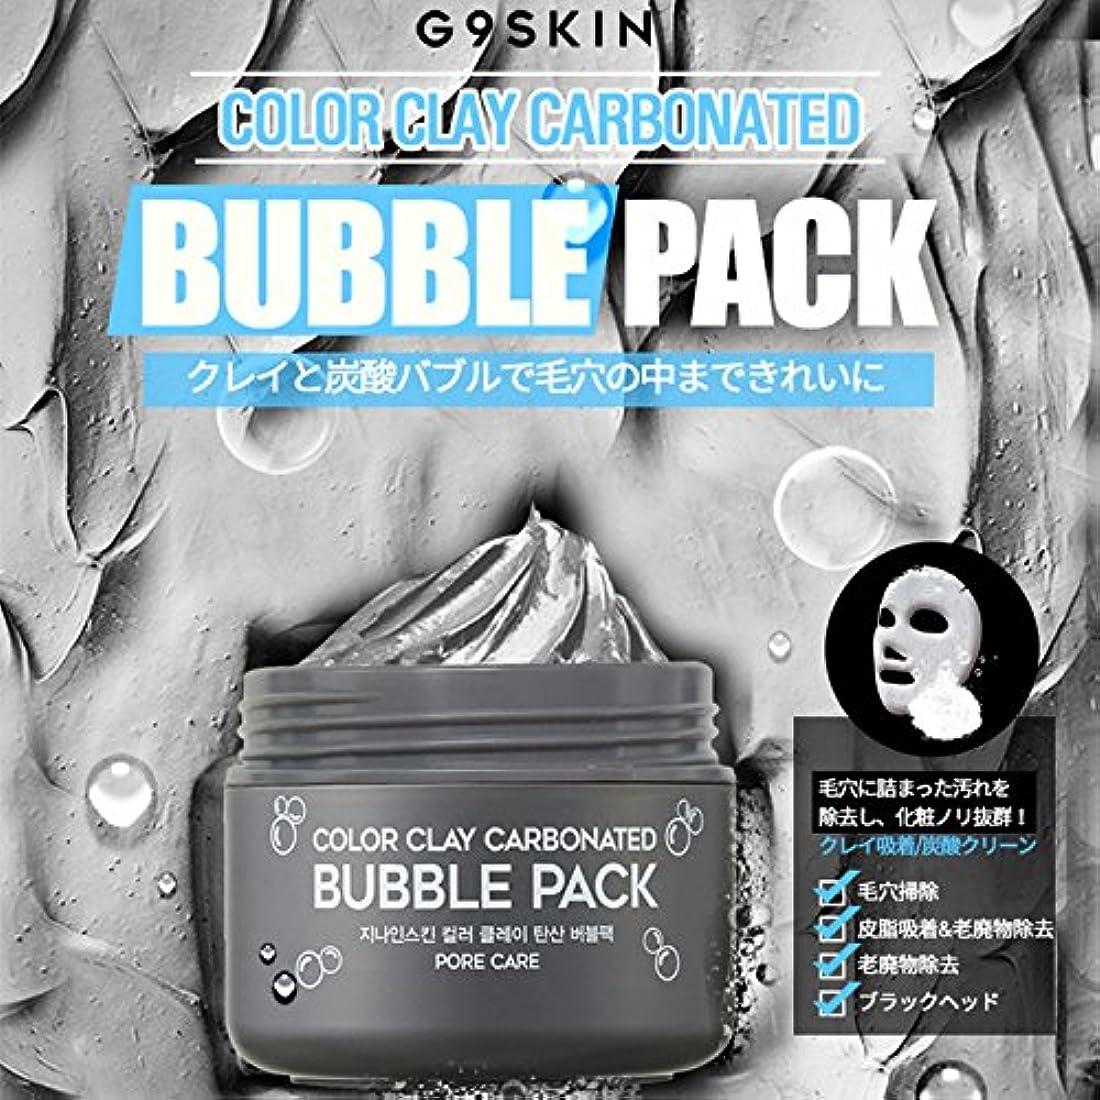 ソートクリエイティブミネラル[G9SKIN/G9スキン] Color Clay Carbonated Bubble Pack / カラークレイ炭酸バブルパック | 100ml 炭酸 バブル 韓国コスメ Skingarden/スキンガーデン